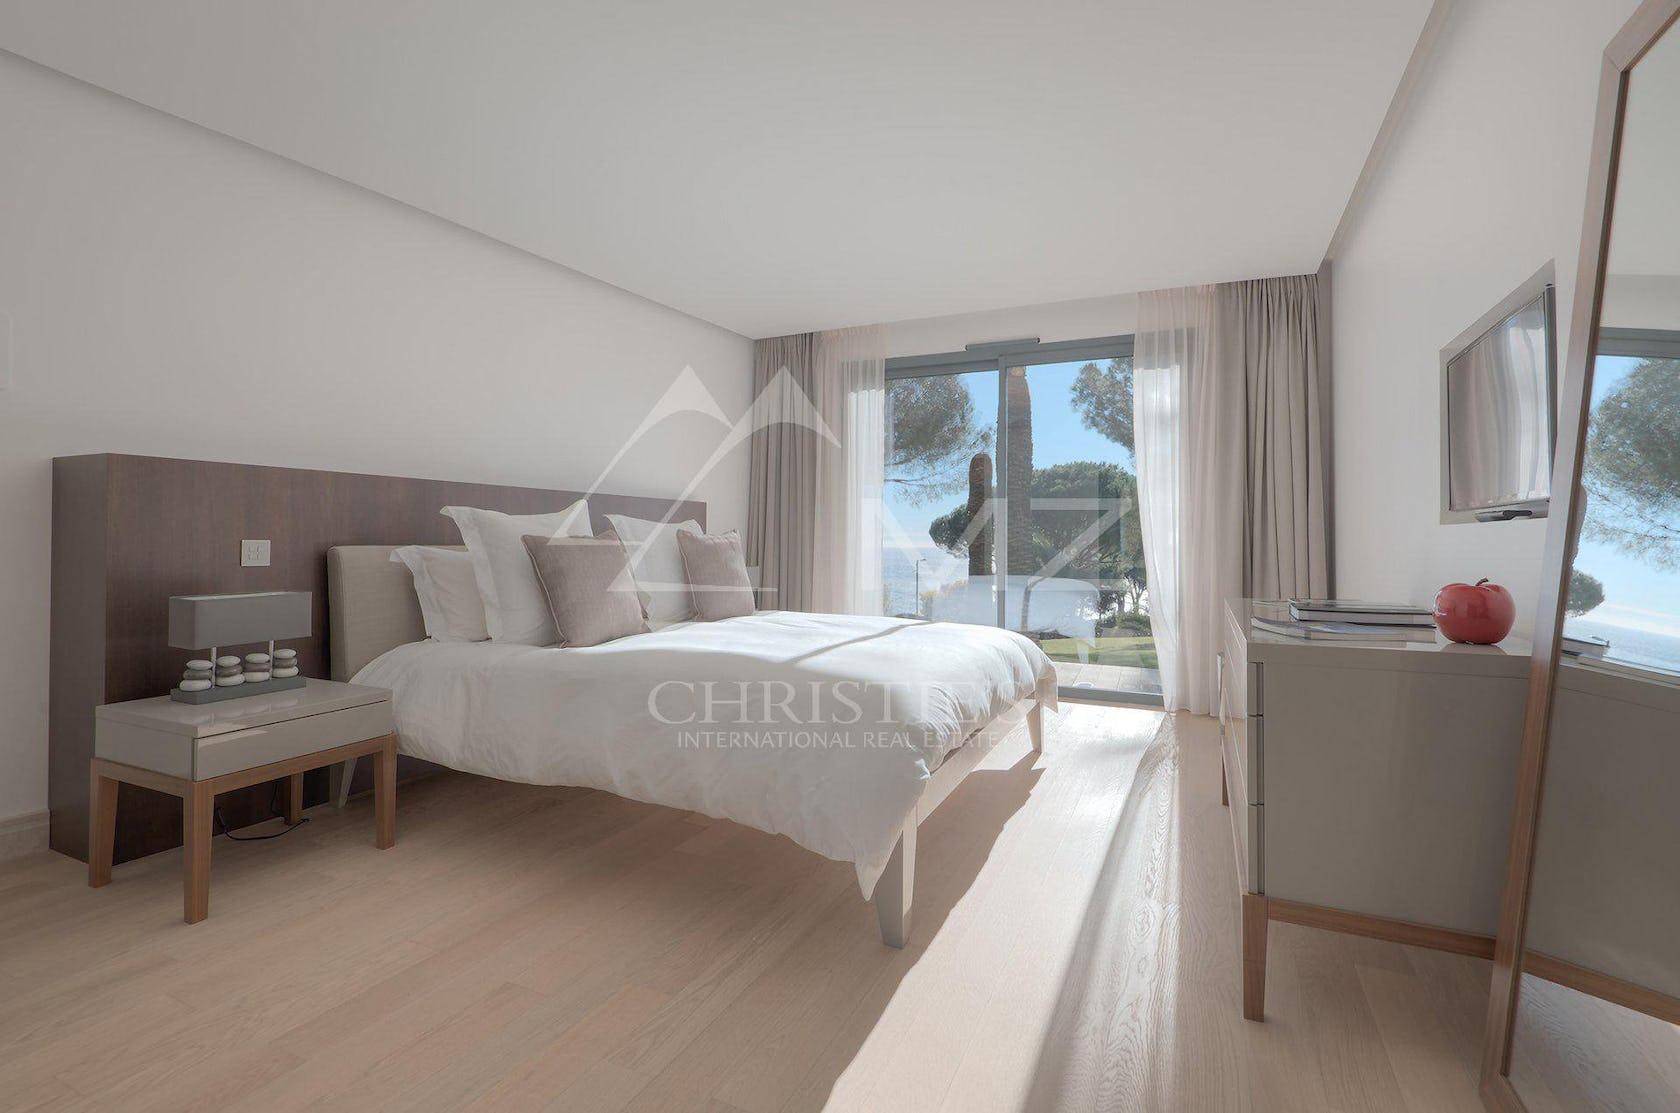 flooring wood floor bedroom indoors room furniture hardwood interior design bed